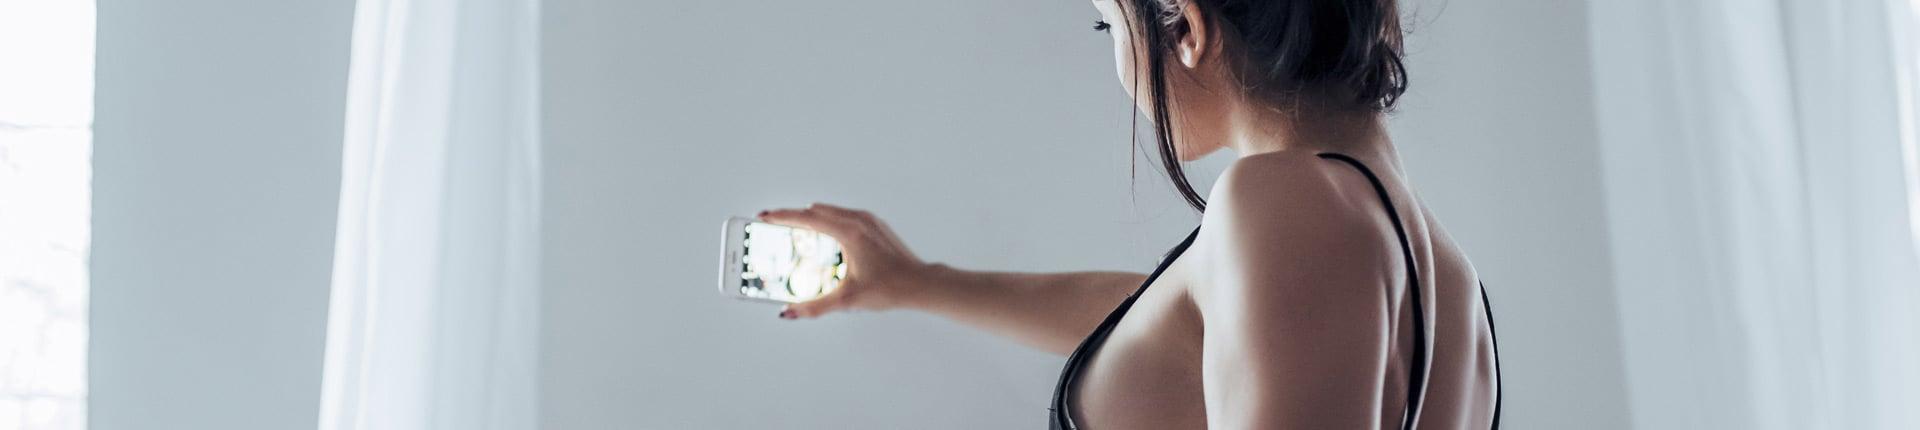 Selfie i zaburzenia zdrowia psychicznego